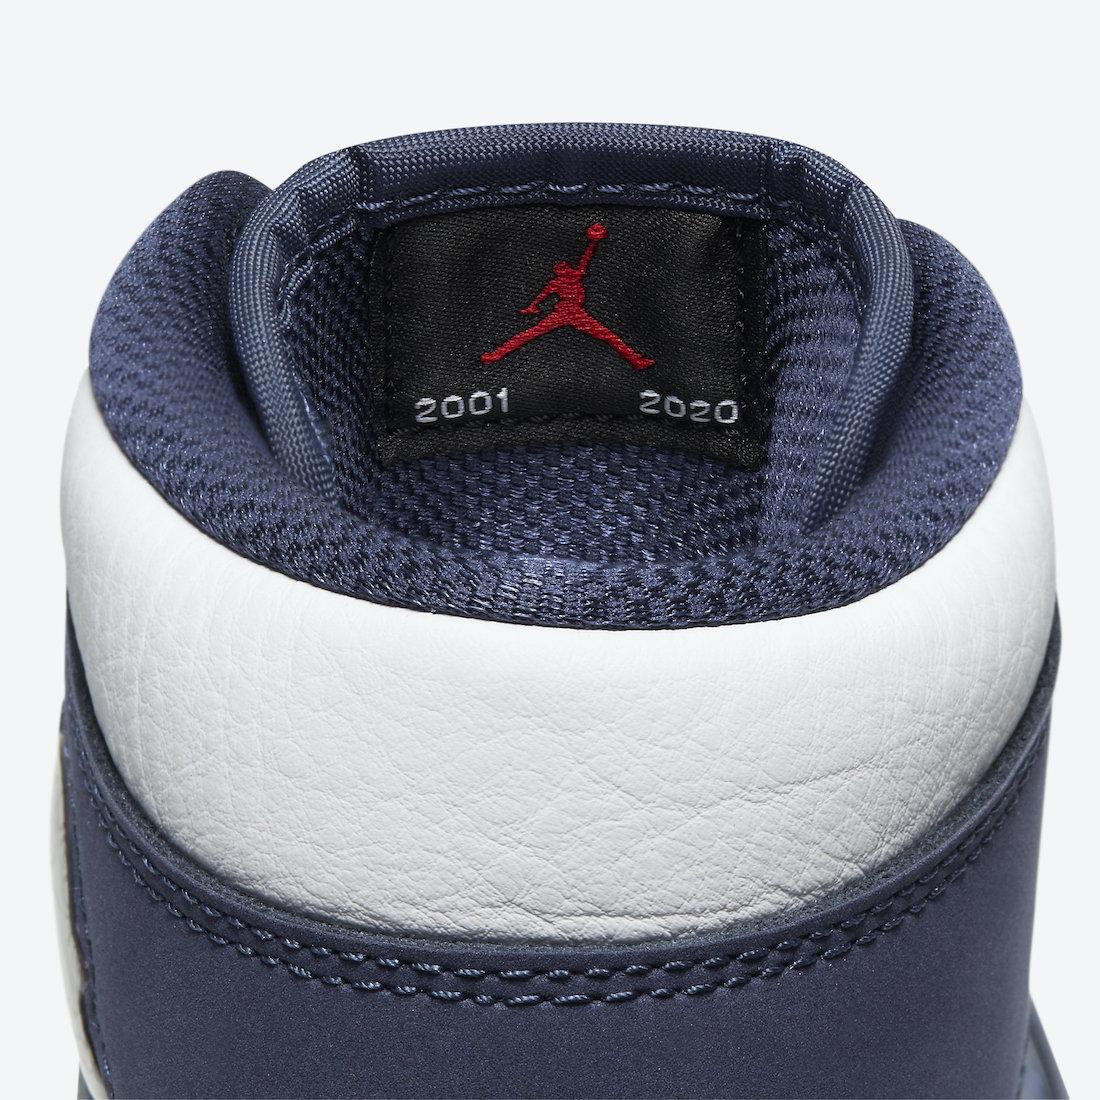 ナイキ エア ジョーダン ミッドナイト ネイビー ジャパン 企画 日本 限定 Nike Air Jordan 1 CO.JP Midnight Navy DC1788-100 shoetan